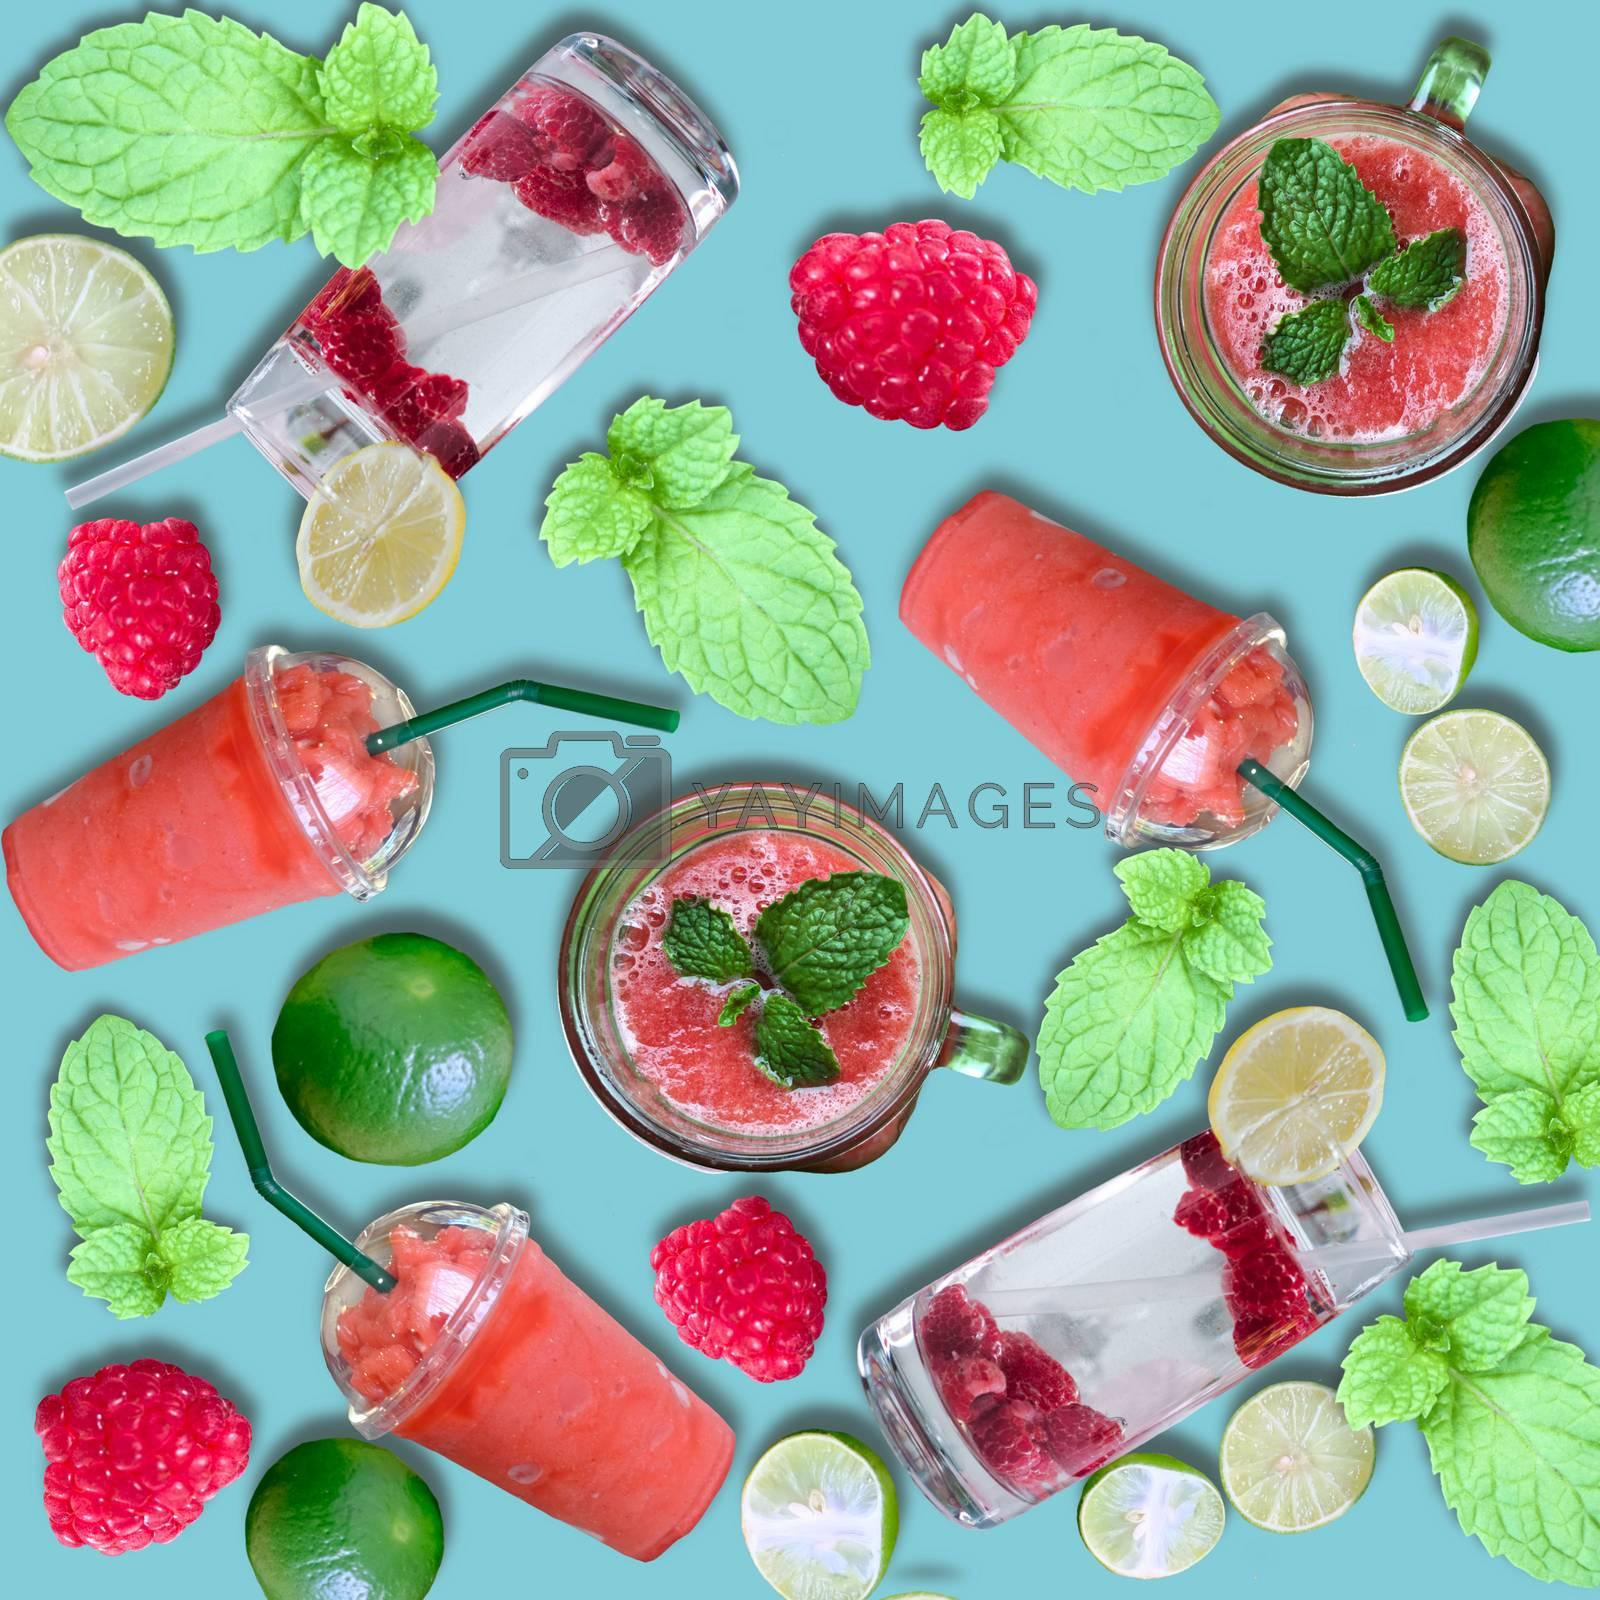 background of homemade refreshing fruit beverage. Varied fresh beverage in glasses. Refreshing lemonade. Breakfast healthy vitamin drink diet or vegan food concept.